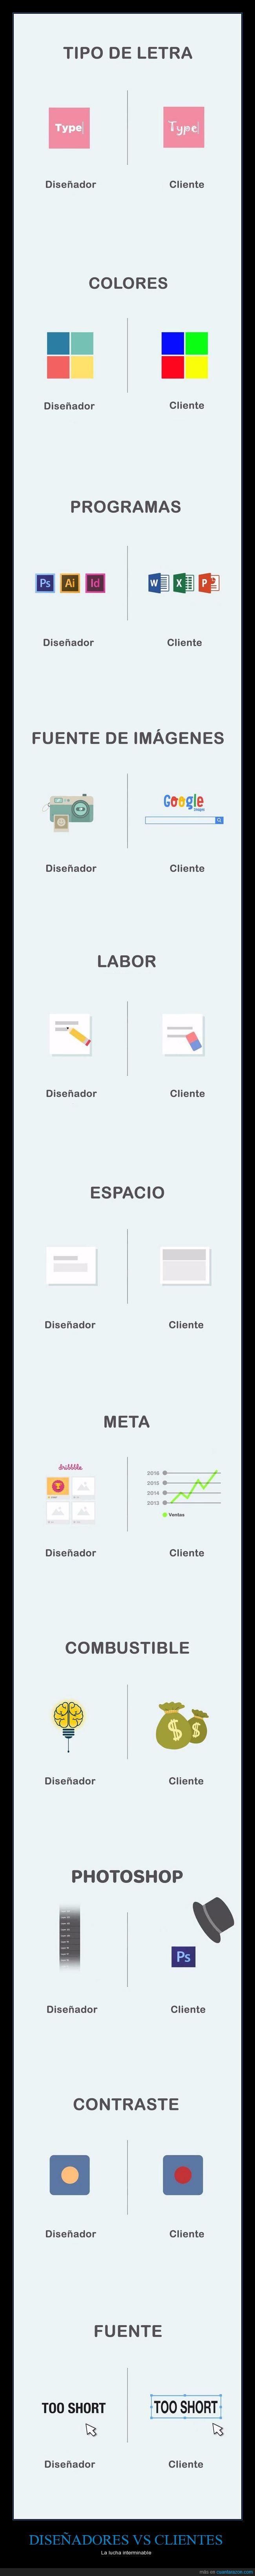 clientes,diferencias,diseñadores,líos,problemas